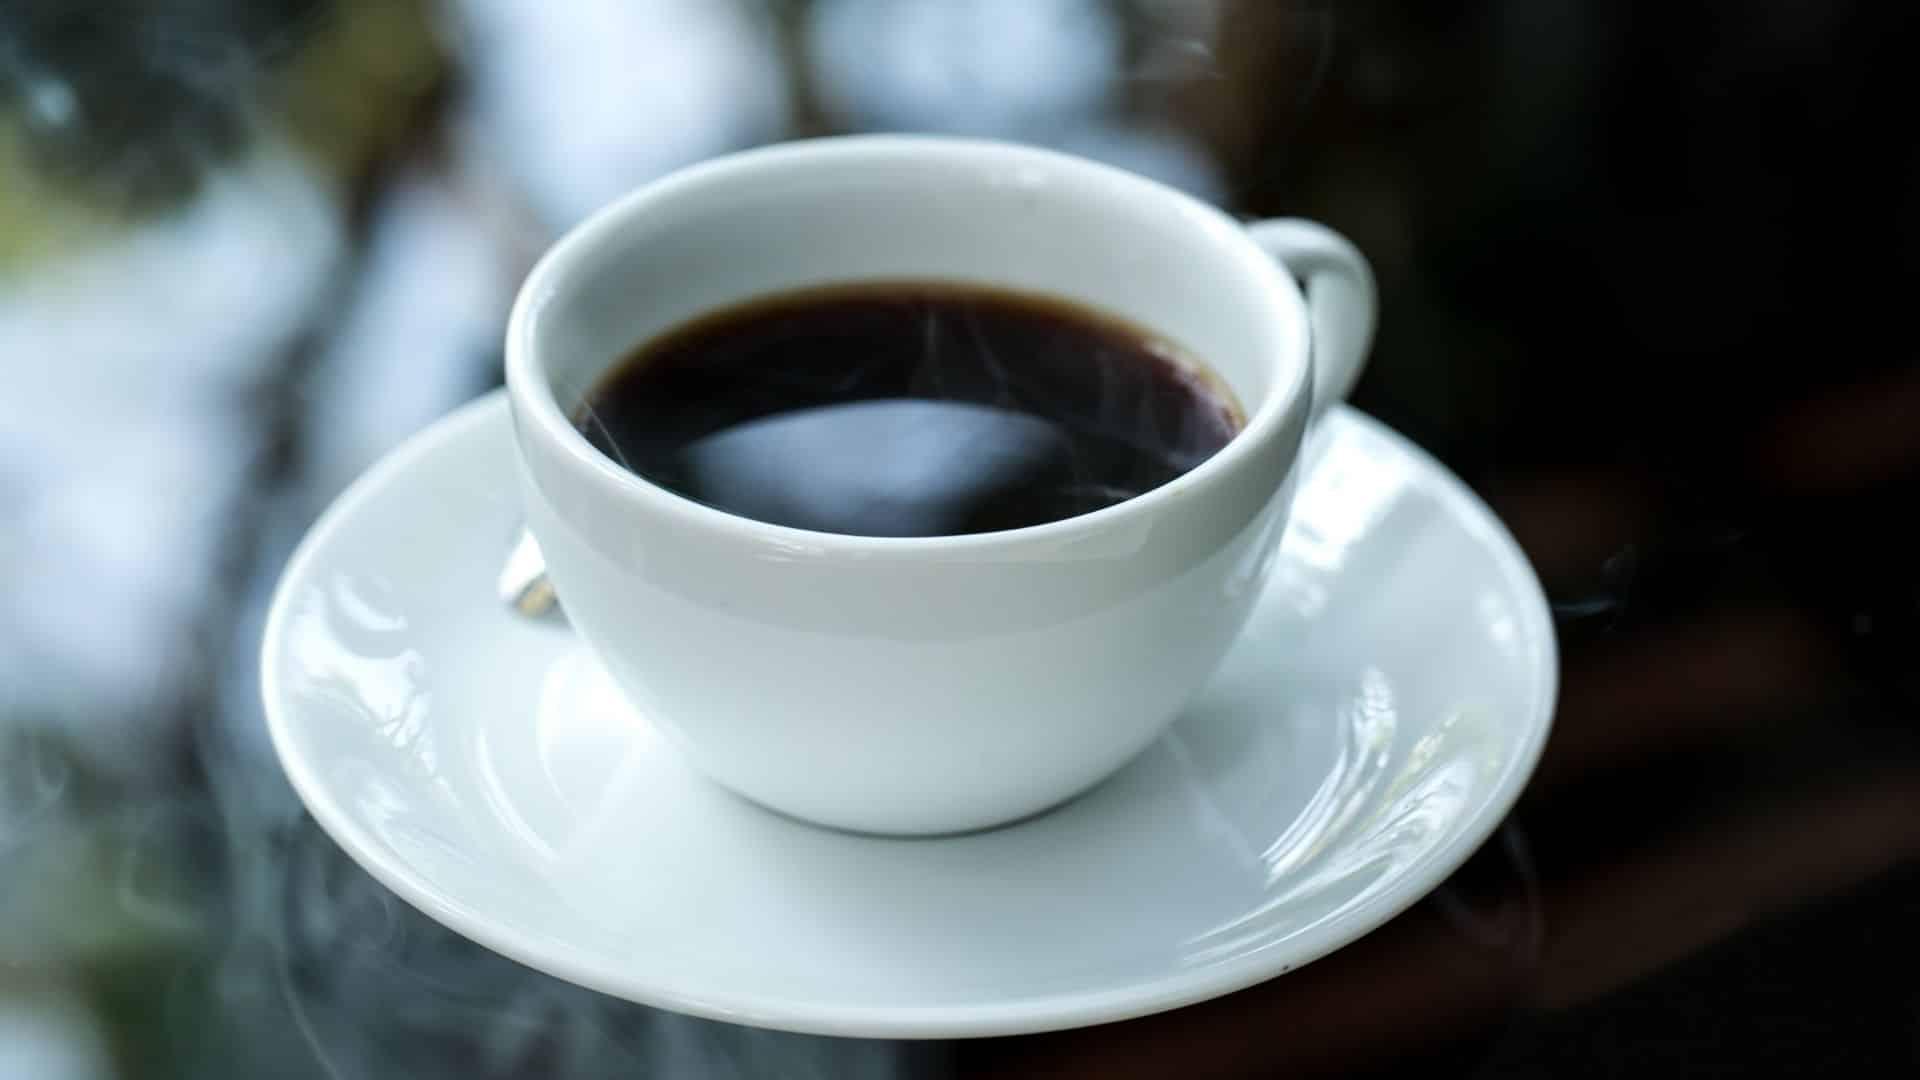 A kávékultúra felemelkedése izgalmas néhány kávé rajongó számára. Egyesek számára azonban elsöprő lehet a speciális kávézók menüiben történő navigálás. Őszintén szólva egyes üzletek görögül is írhatják őket. Ha még nem ismeri a különféle kávéitalokat, akkor elgondolkodhat azon, hogy melyik ital felel meg legjobban az ízlelőinek. Vagy talán egyszerűen többet szeretne tudni az Americano kávé - ról, mint amilyen fülbemászó dallamról van szó. Ezért vagyunk itt.